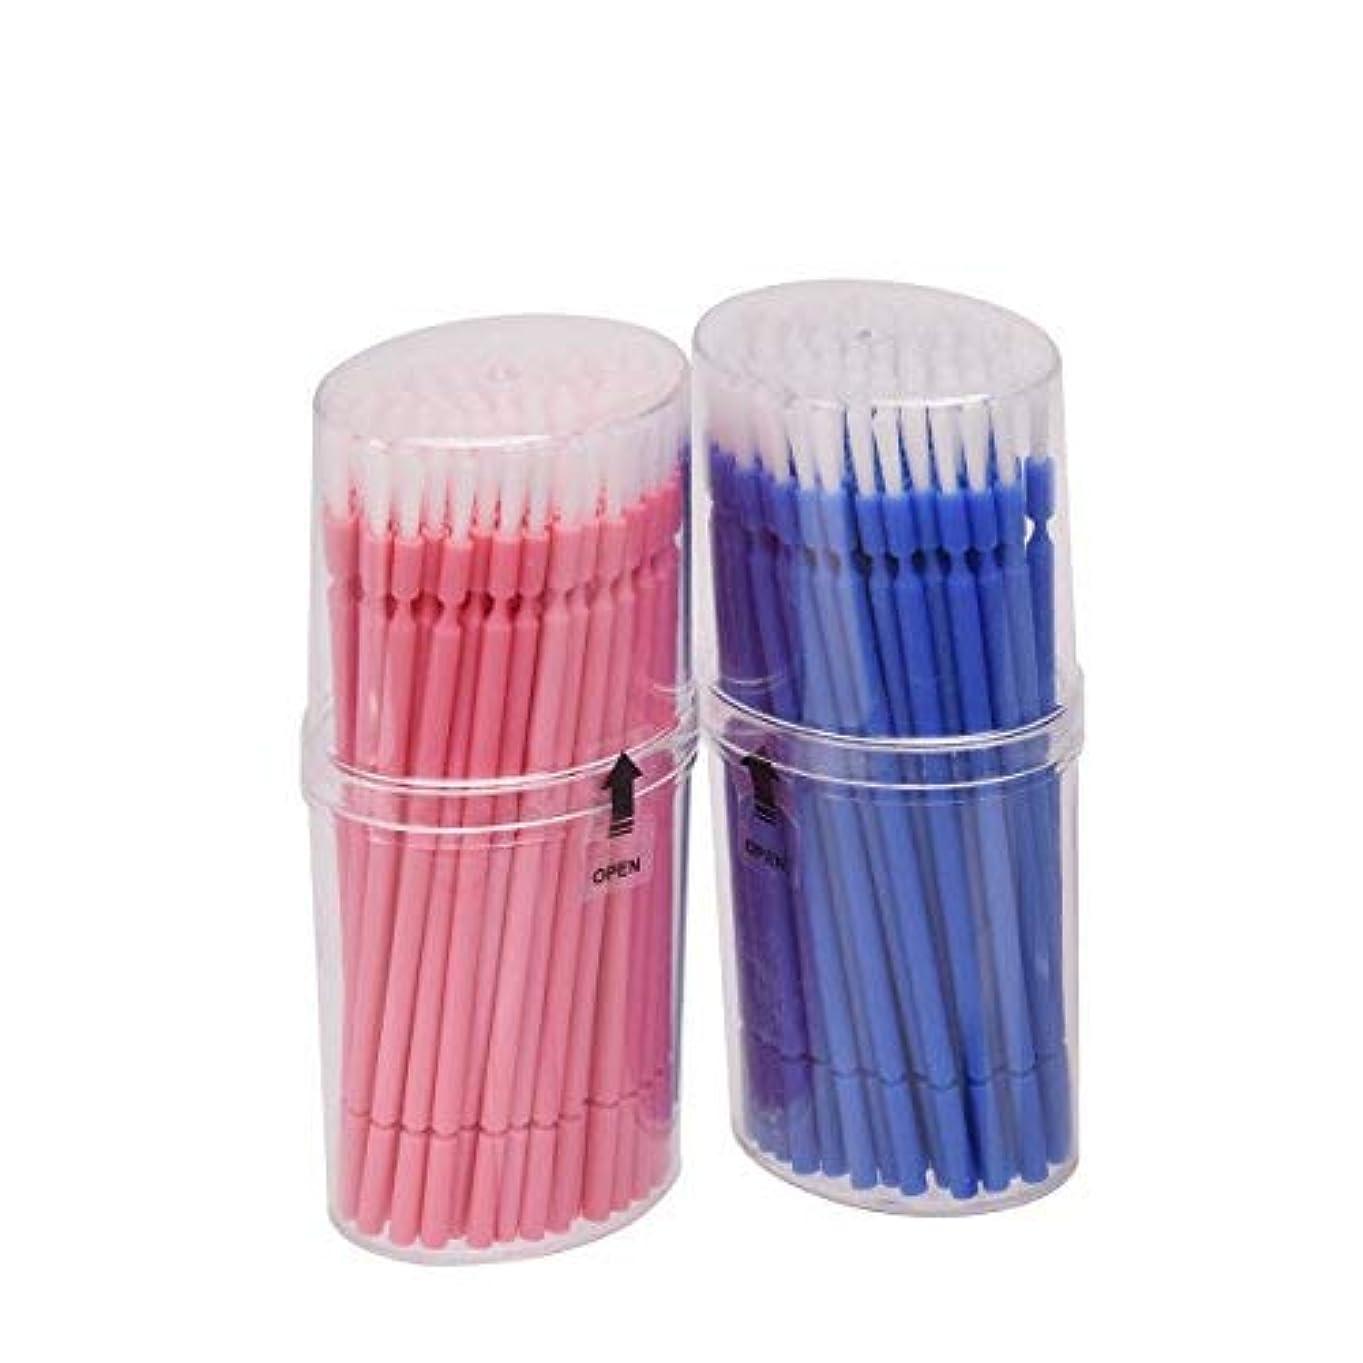 悲しみ慈善シリーズマイクブラシ 歯科ブラシ 精密機器の細部の清掃など 幅広く使える 使い捨て 4 * 100=400本入り Annhua